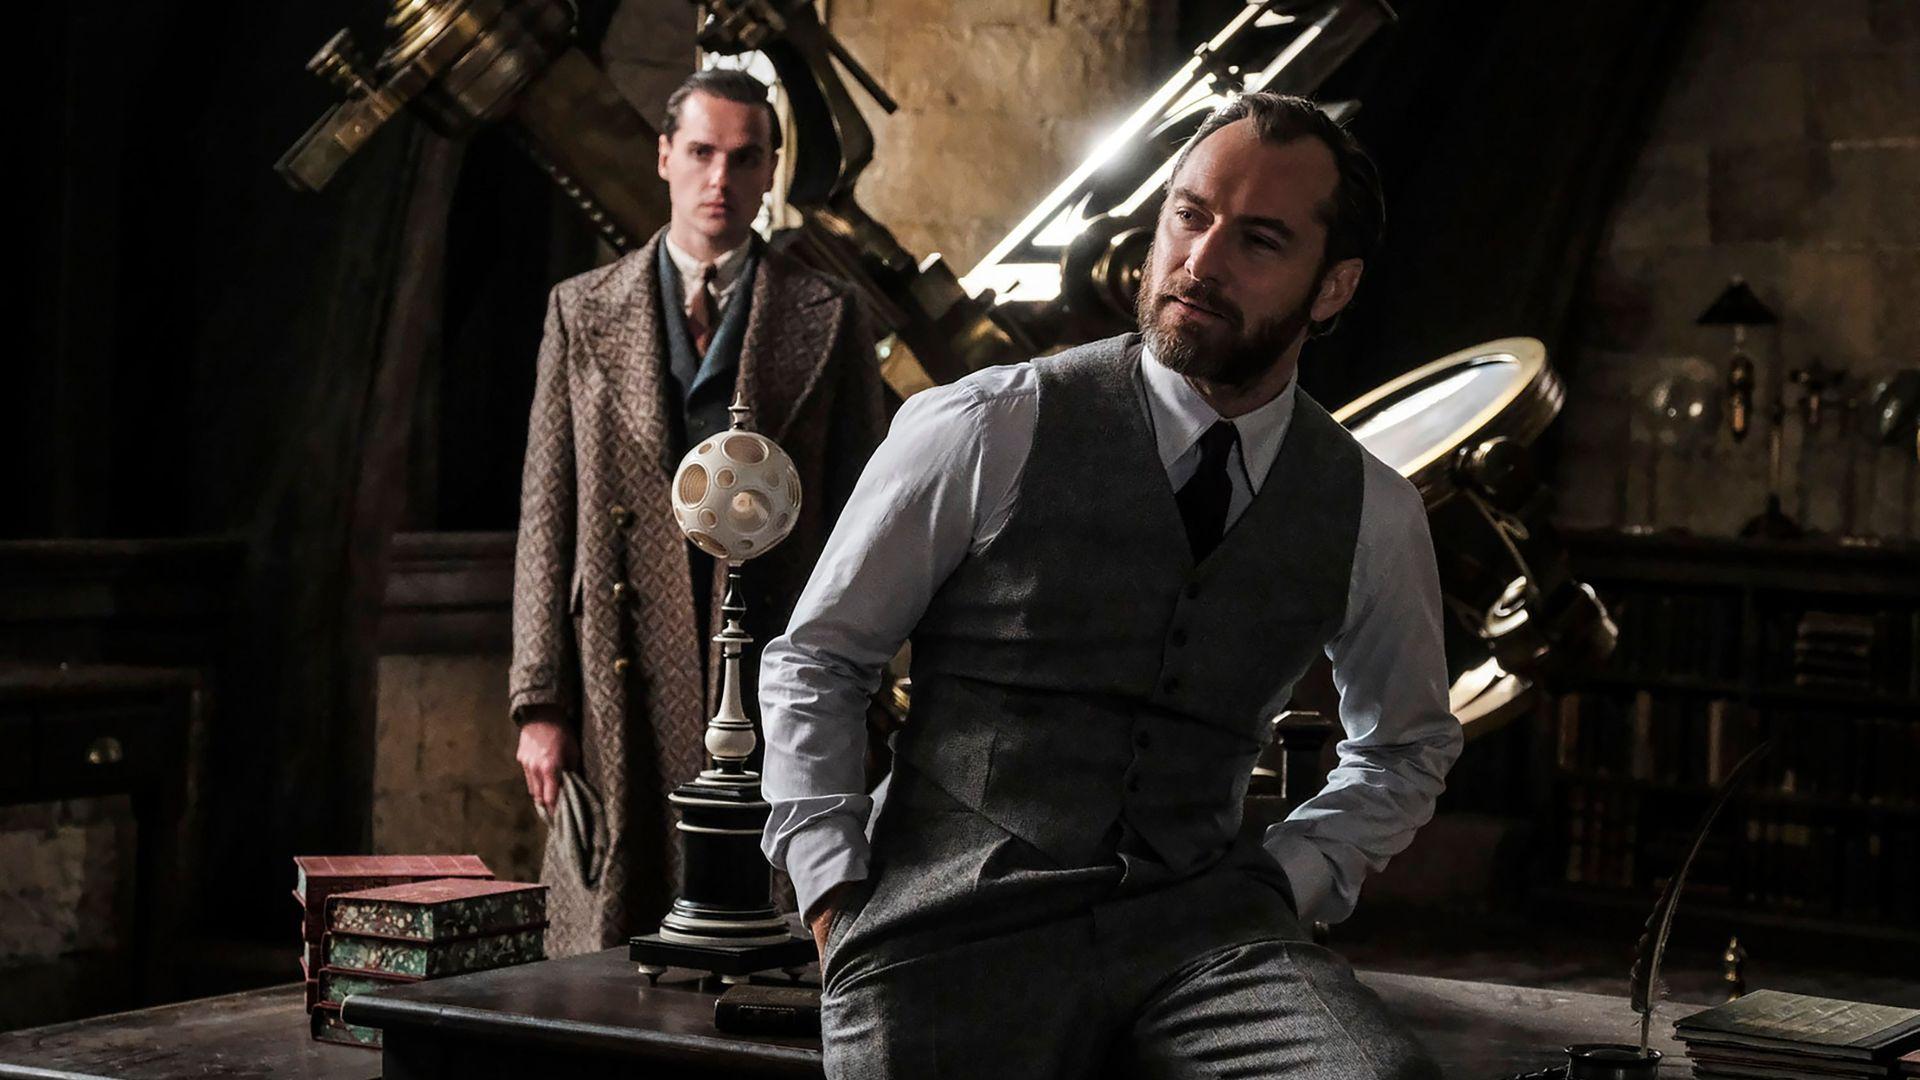 Jude Law as Albus Dumbledore Fantastic Beasts 2 Wallpaper 1920x1080